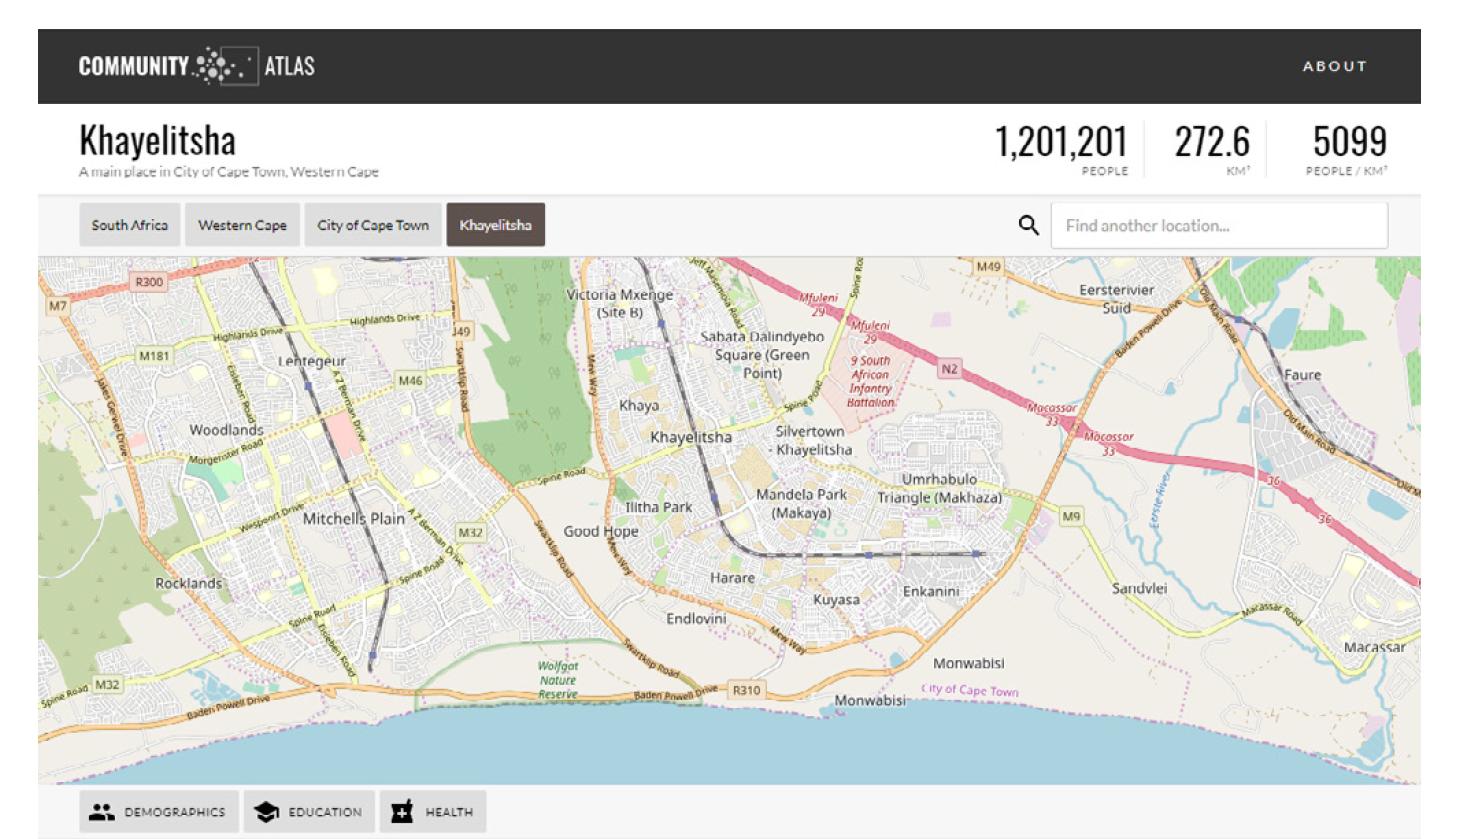 Community Atlas: Empowering communities through an open access data platform